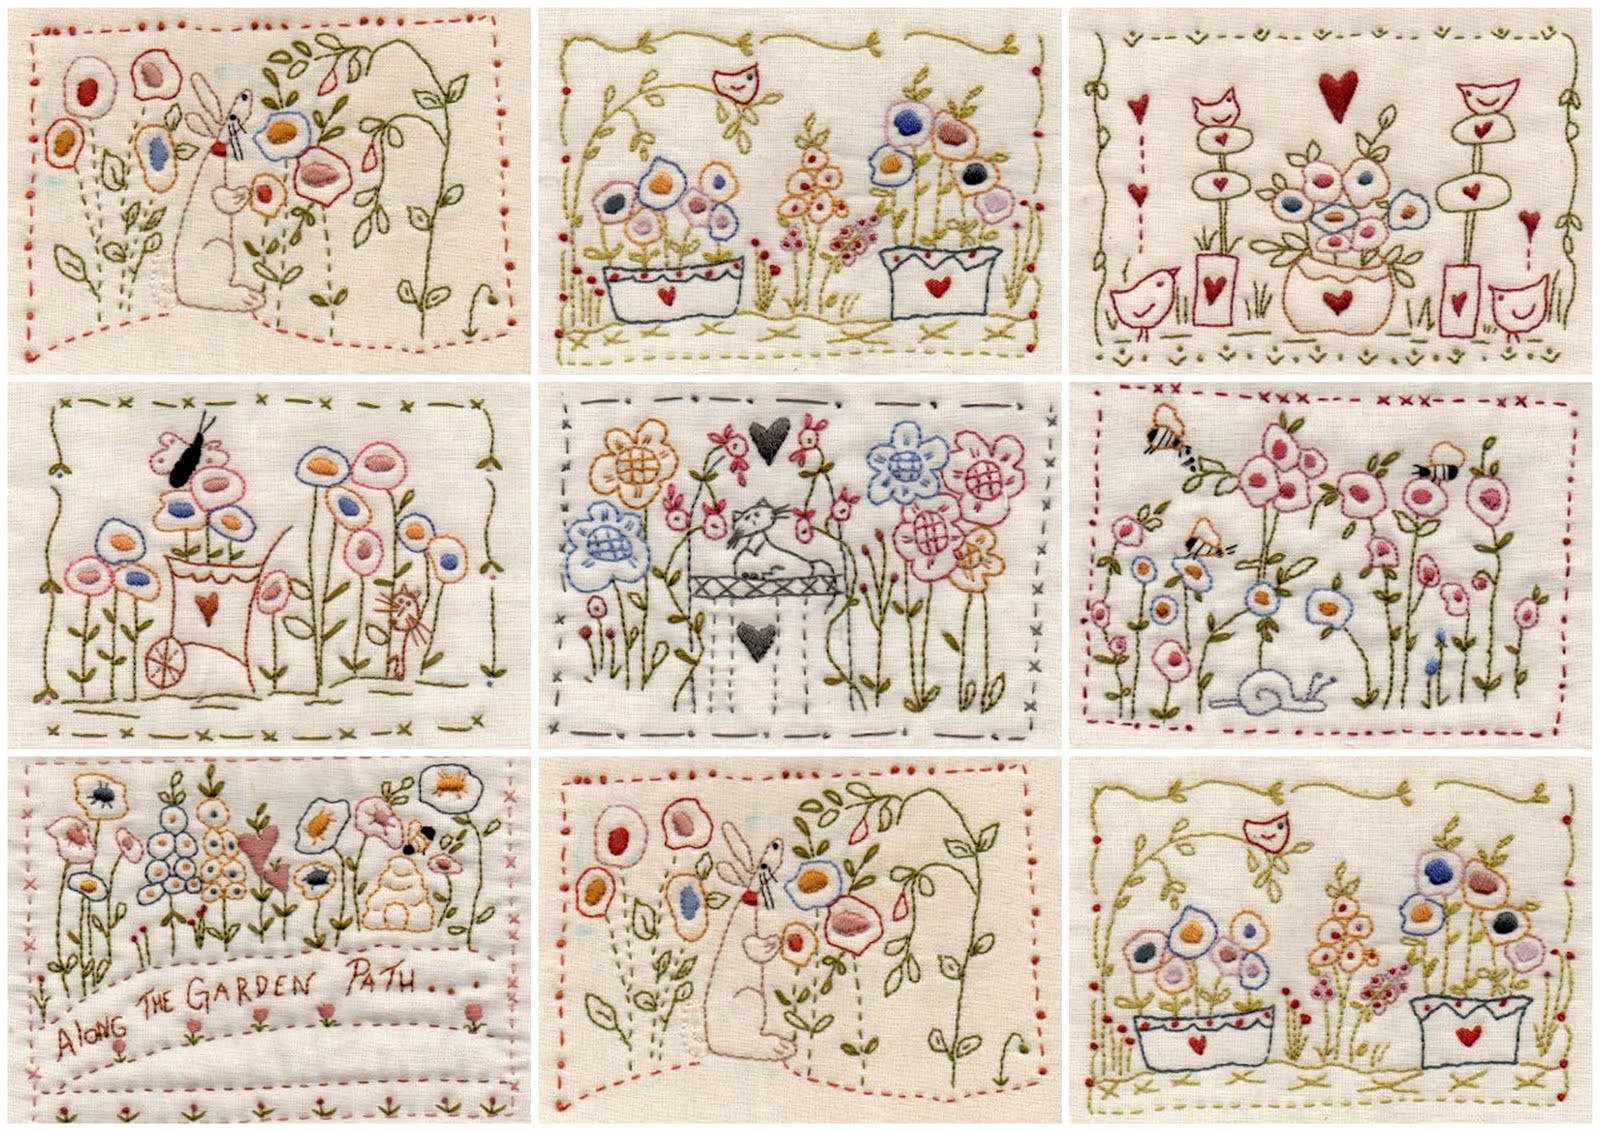 Theodora's stitching